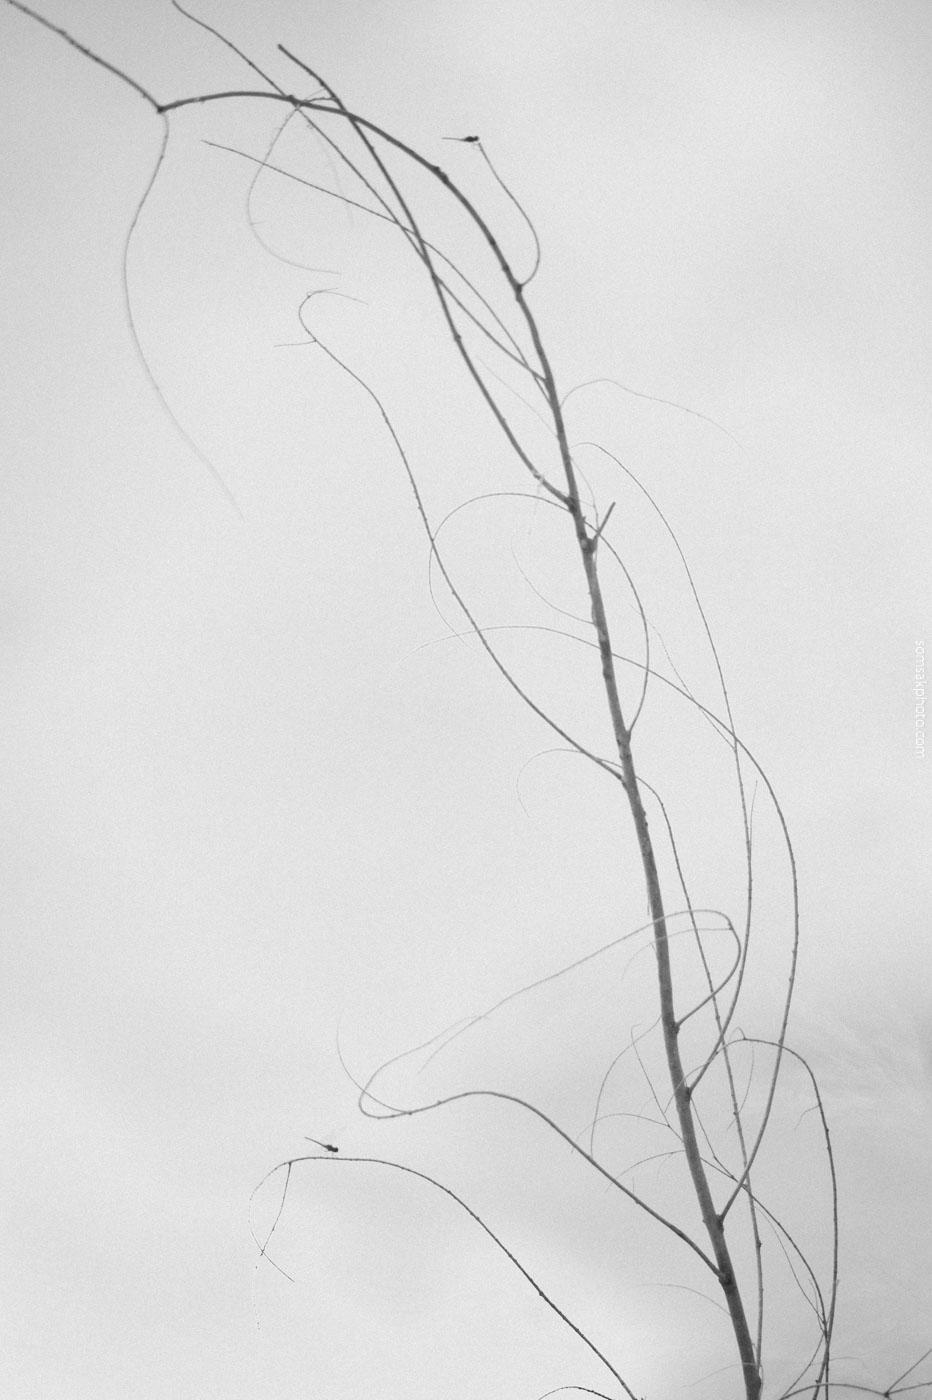 ชื่อภาพ แมงปอเกาะกิ่งไม้...  บางครั้ง การไม่ตั้งชื่อ ไม่รู้ชื่อภาพ   ดูอย่างเดียว...ได้อรรถรสกว่า.....